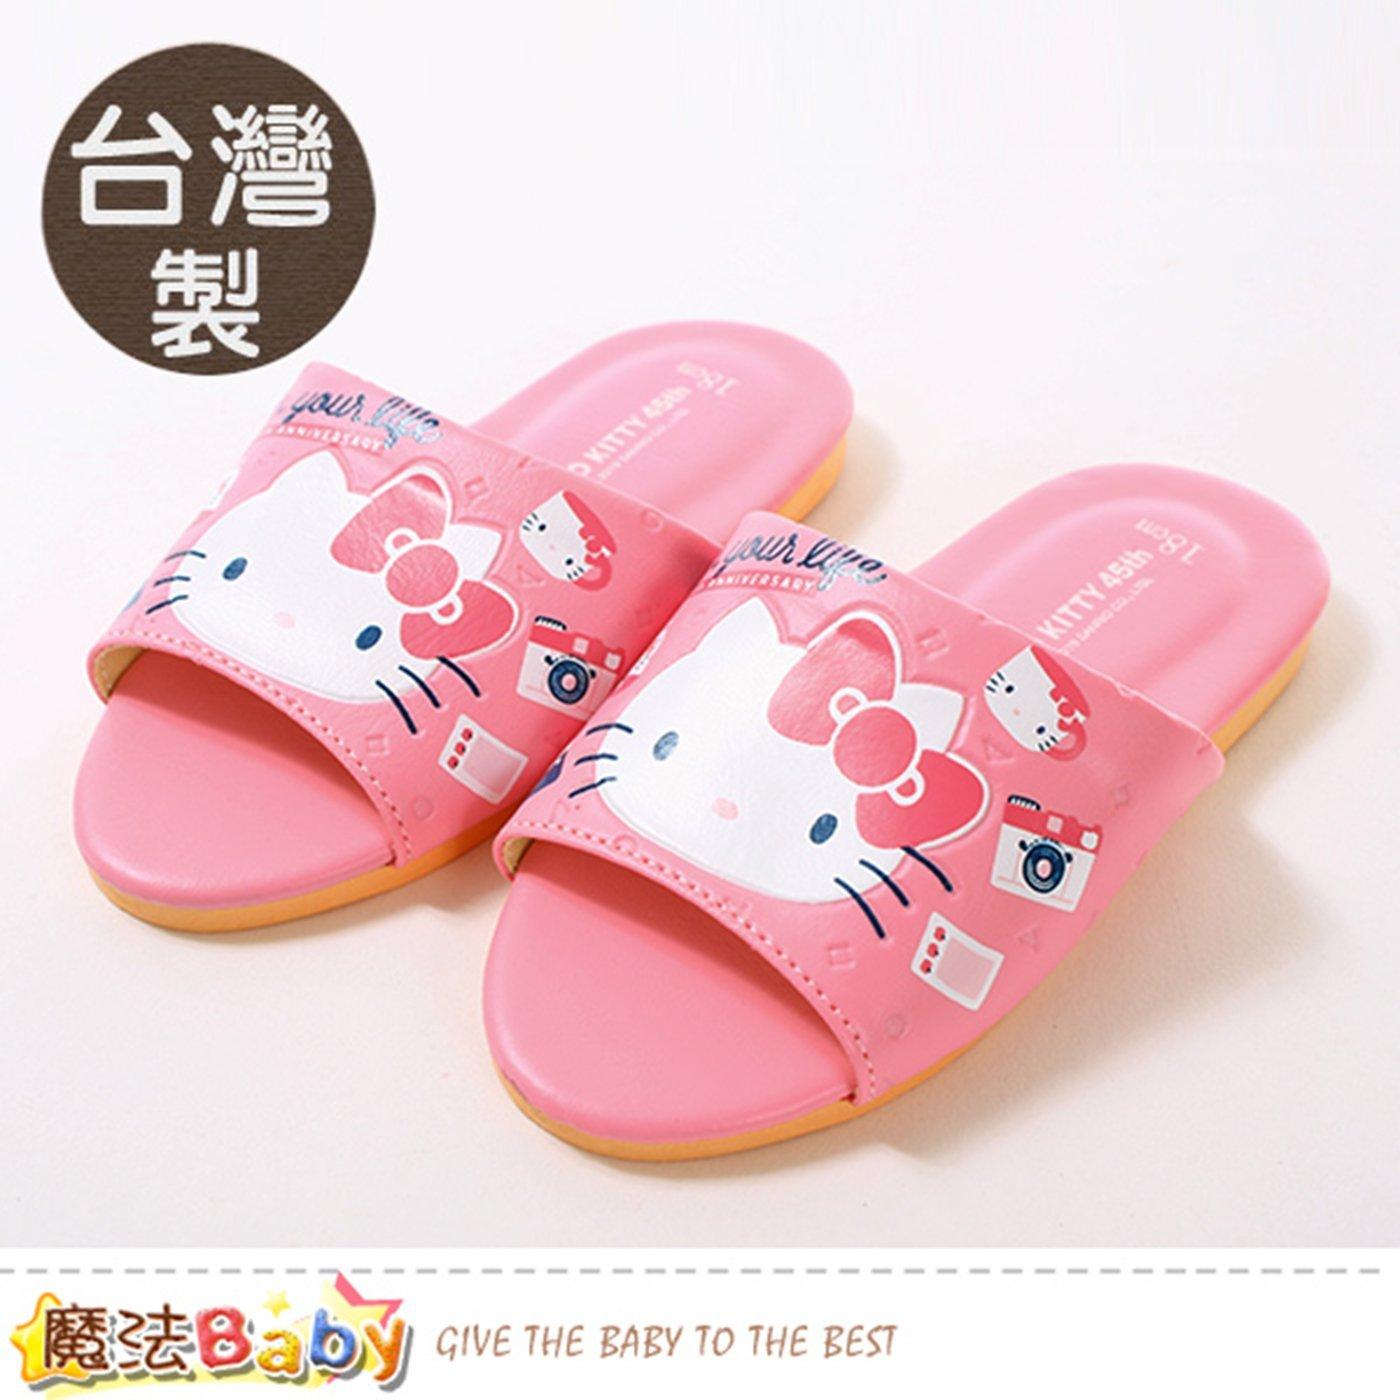 魔法Baby 兒童 台灣製Hello kitty授權正版防滑拖鞋 sk0814